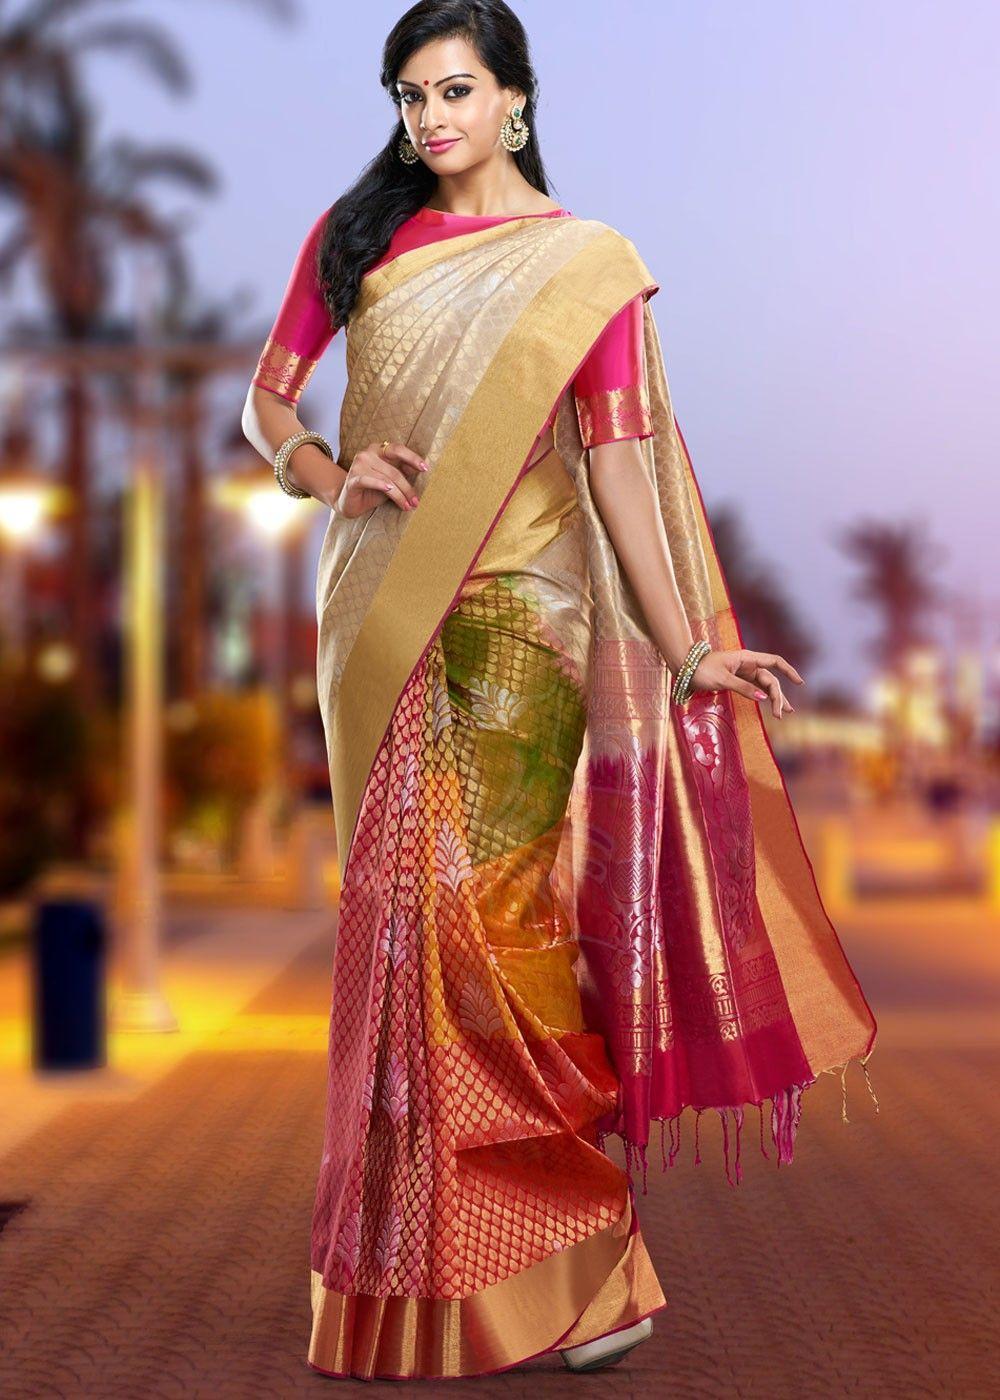 dress for women indian saree Pure Two tone Dolla silk saree and blouse for women sari,wedding saree,designer saree,sari saree dress